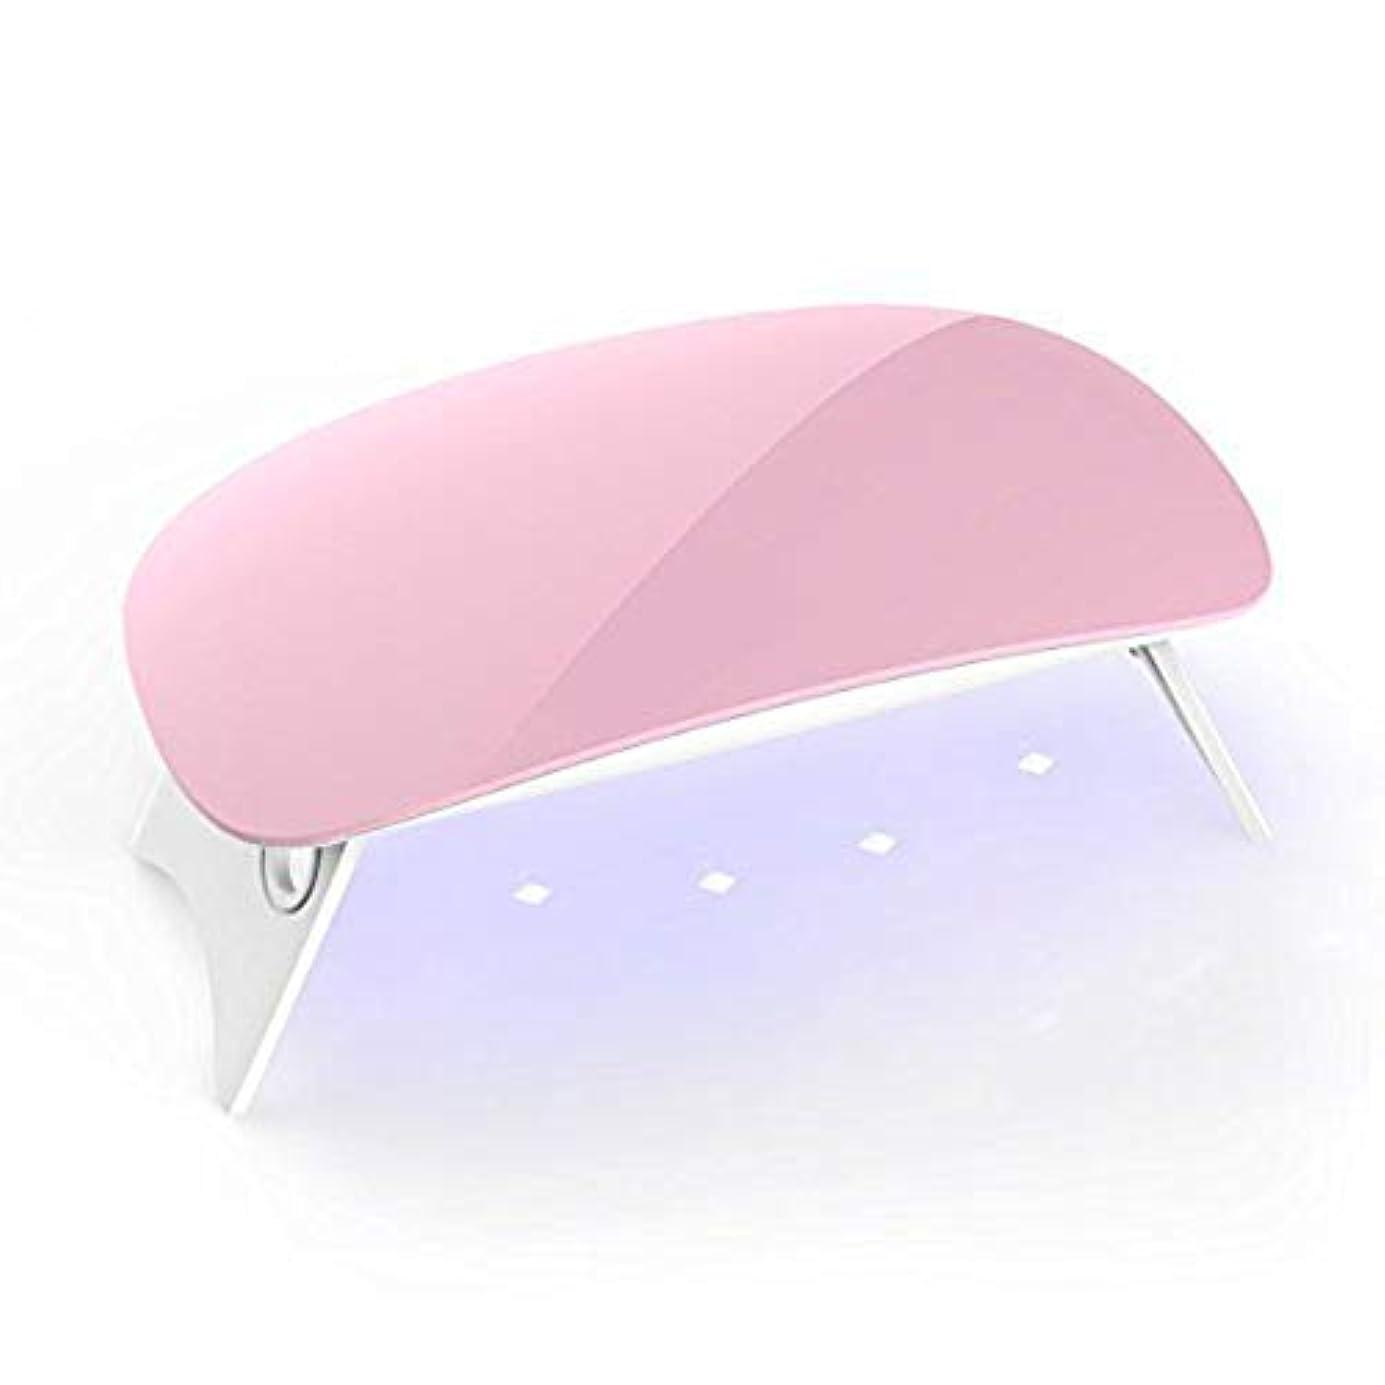 渇きジーンズルーネイルグルー用の6W UV LED、2つのプリセットタイマー(45秒、60秒)